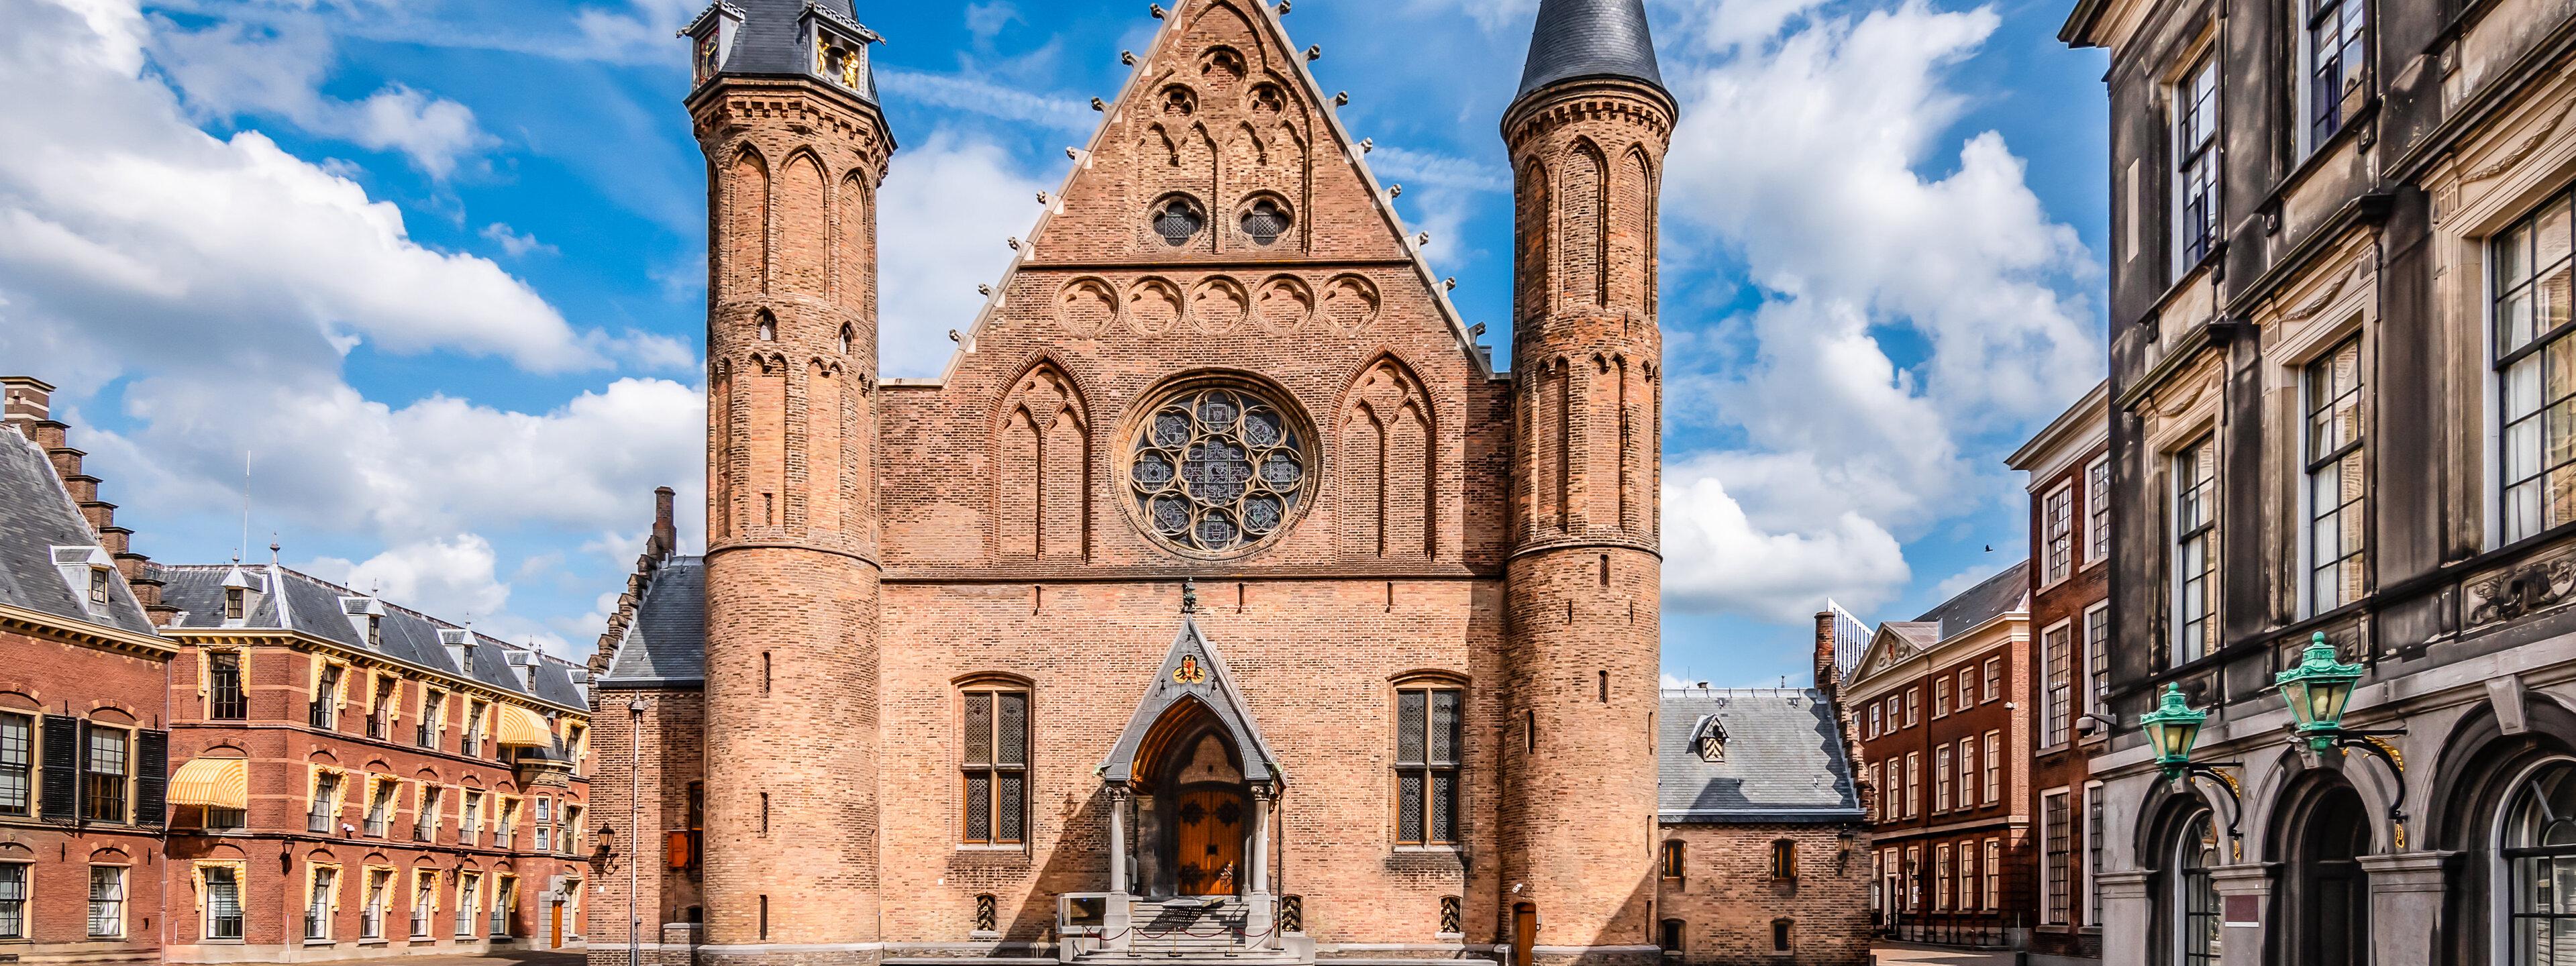 Ridderzaal in Binnenhof